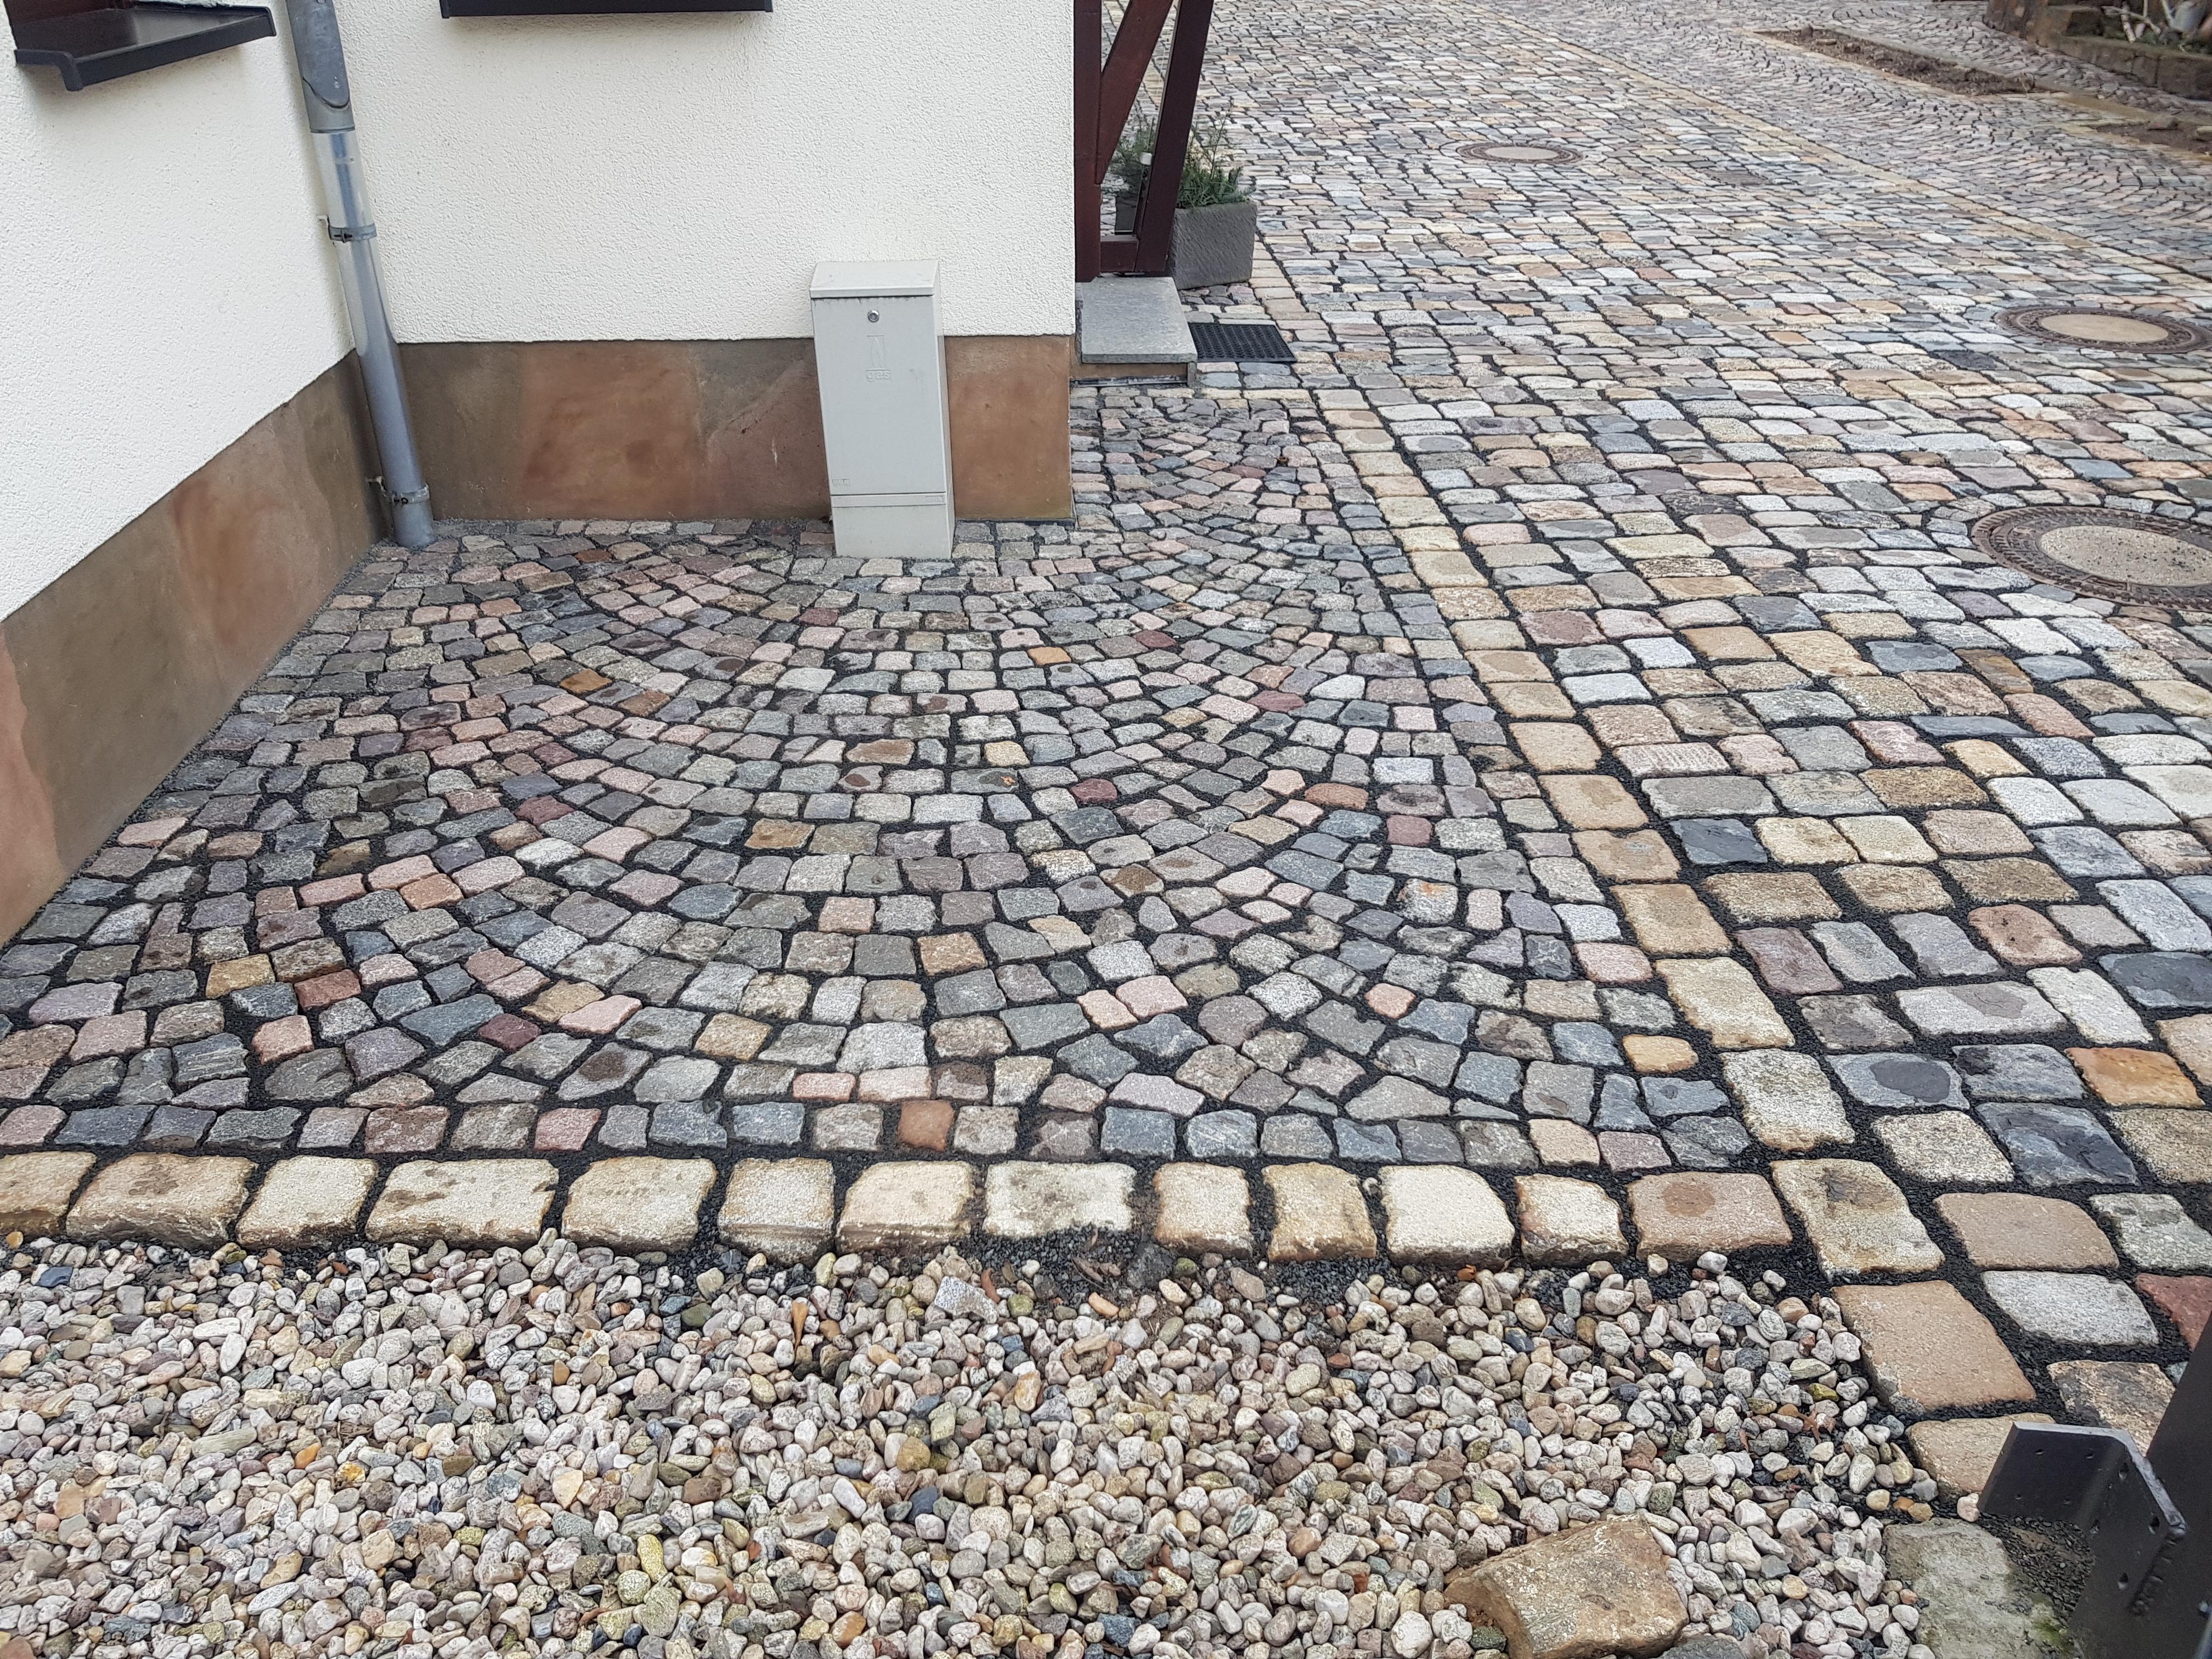 Naturstein Großpflaster & Kleinpflaster bunt, gebraucht, auf einer Fläche, gebrauchte Pflastersteinereihenfähig, Natursteinpflaster